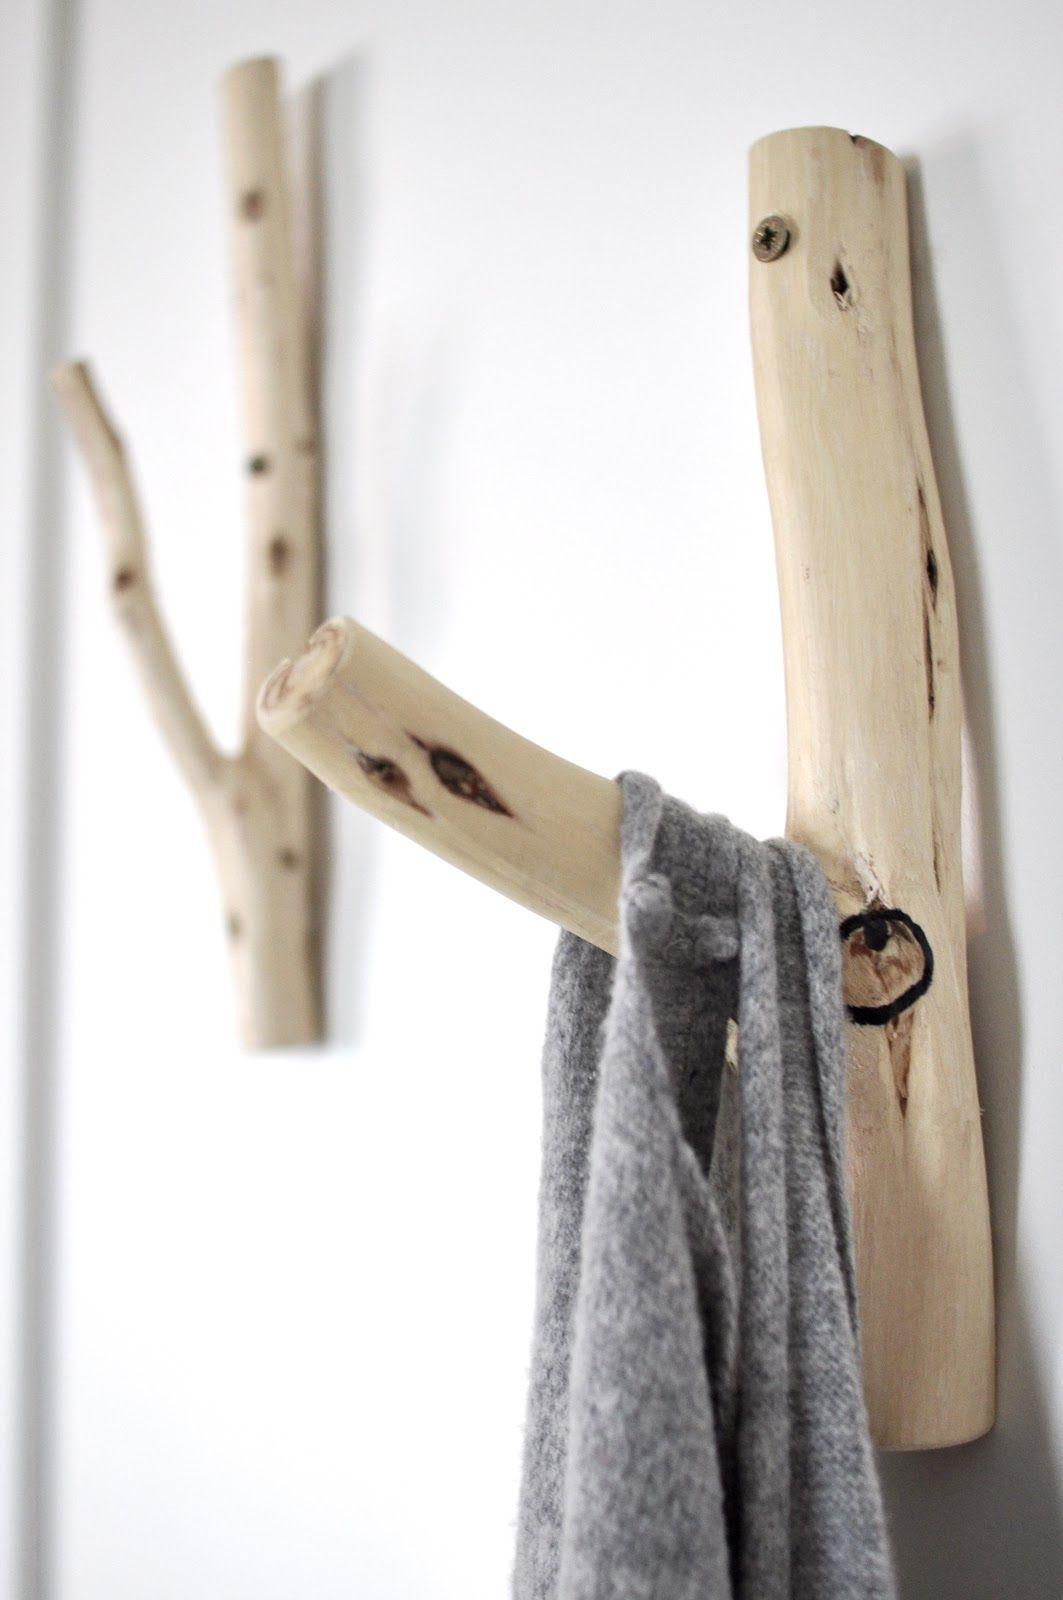 Bois Flotté Porte Photo hook made of wood | porte manteau diy, porte manteaux et